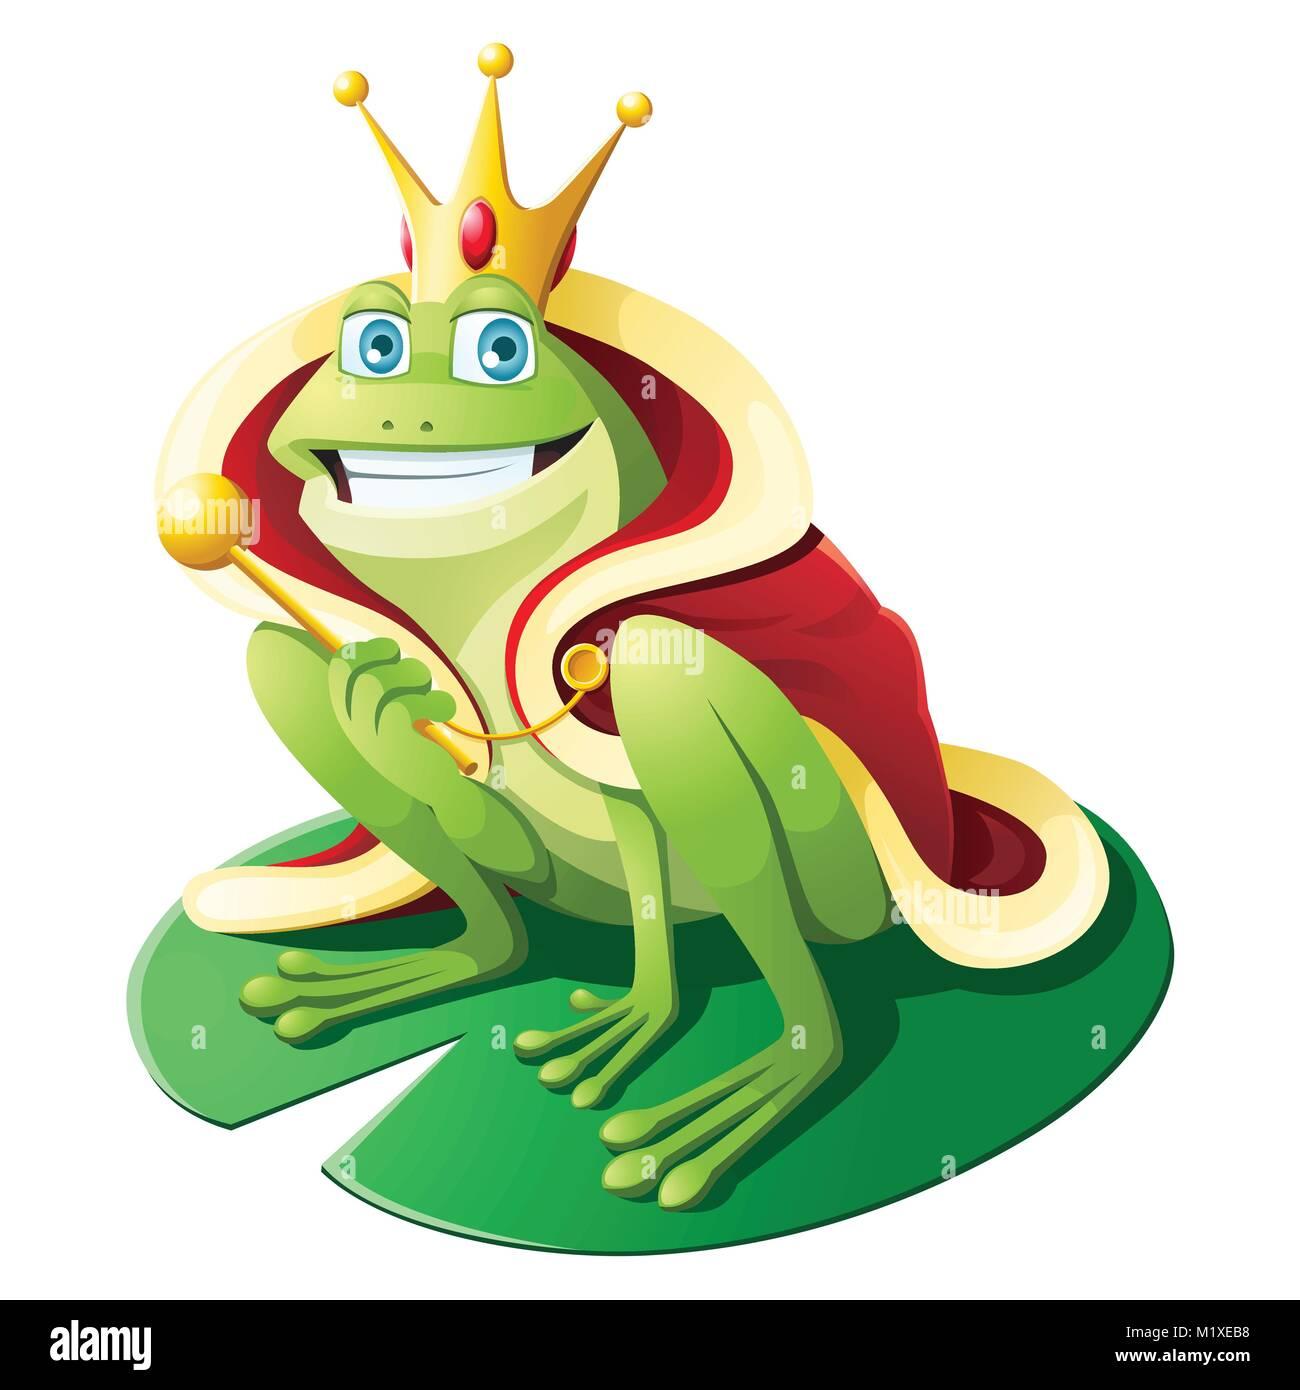 Grenouille Couronne le port de la couronne d'or grenouille et king's cloack holding